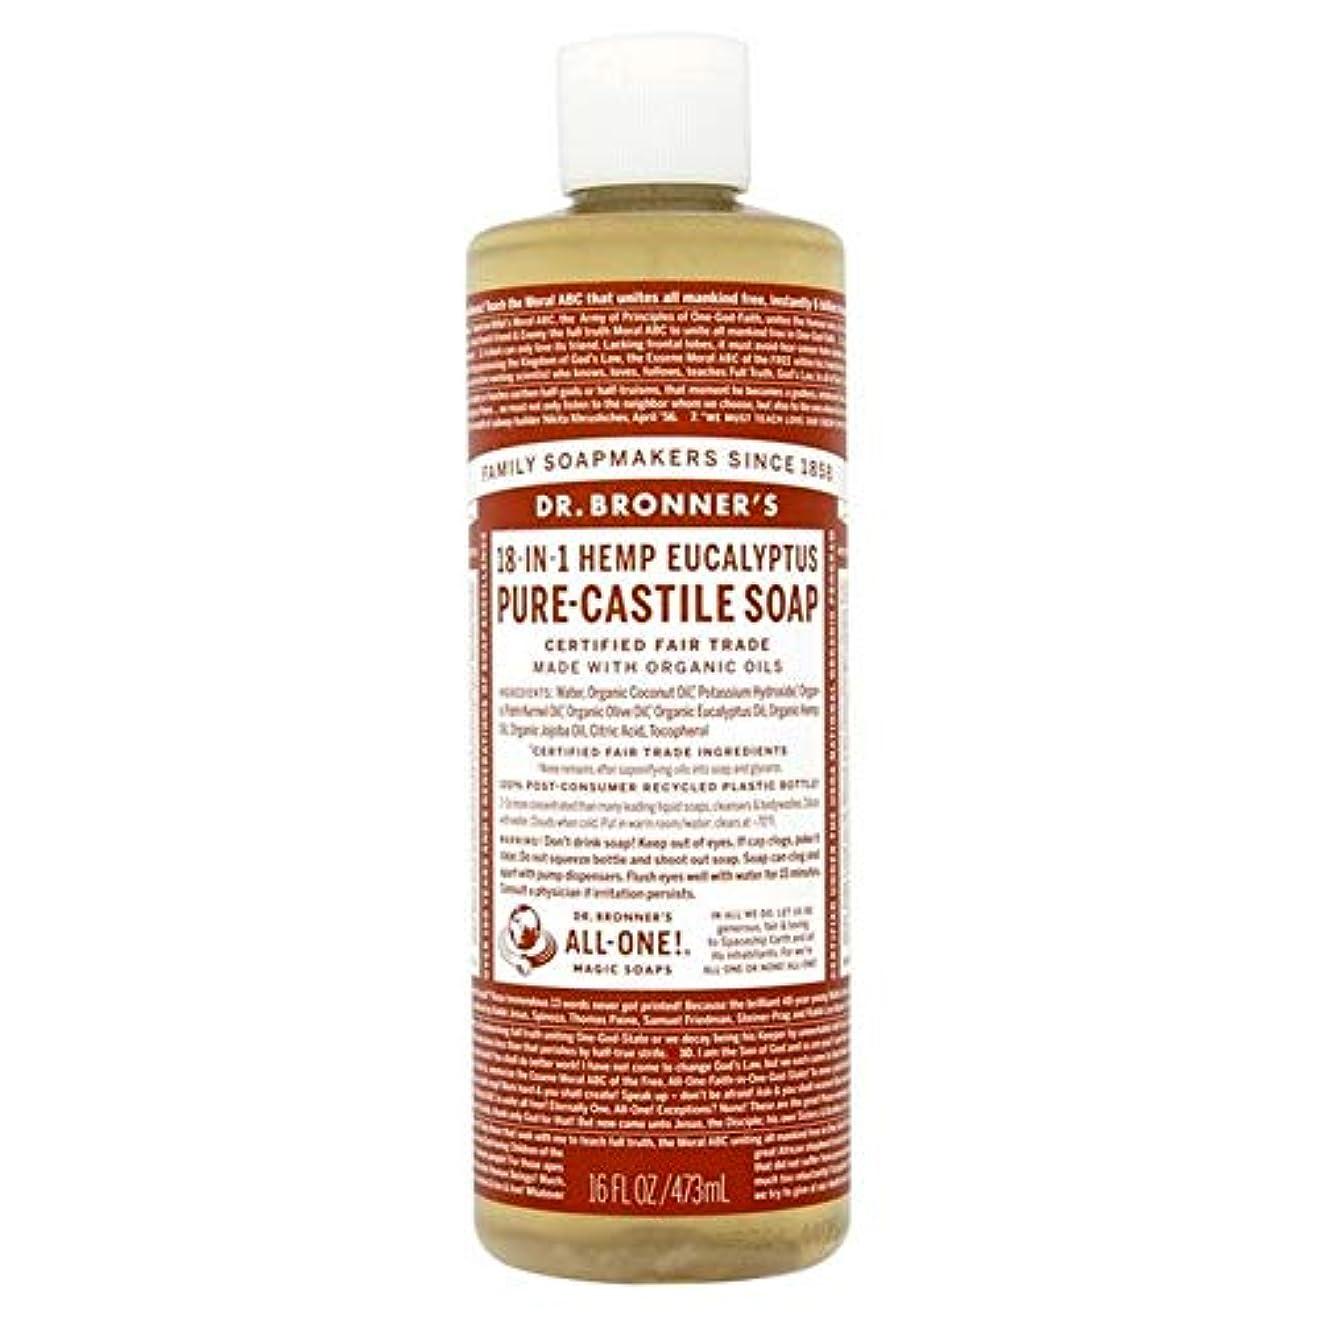 成人期ホールセラフ[Dr Bronner] Dr。ブロナーズ有機ユーカリの純粋な-カスティーリャ液体石鹸473ミリリットル - Dr. Bronner's Organic Eucalyptus Pure-Castille Liquid Soap...